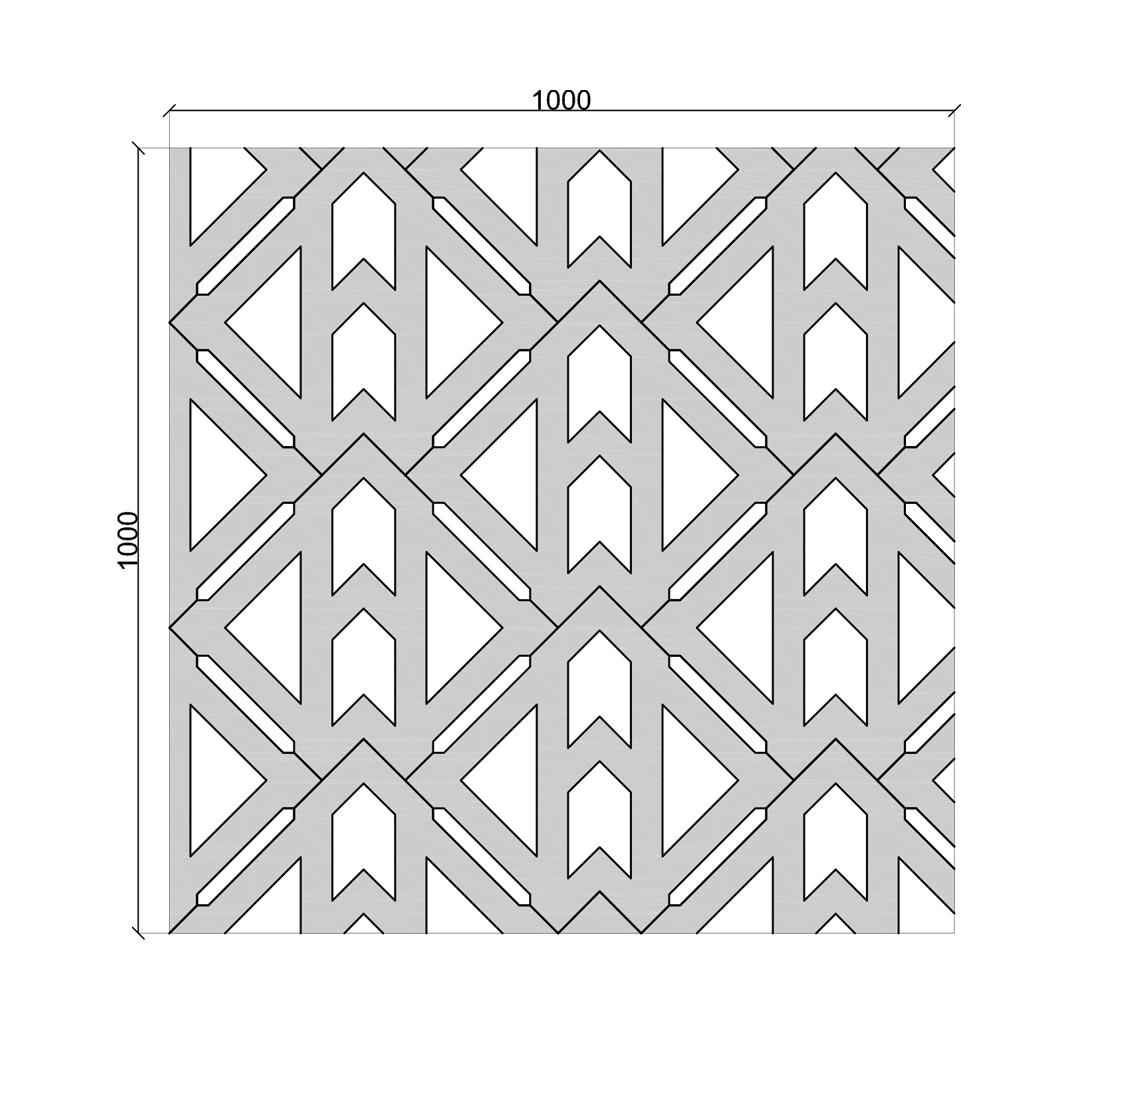 Terracrete wet cast Unidirectional Formation